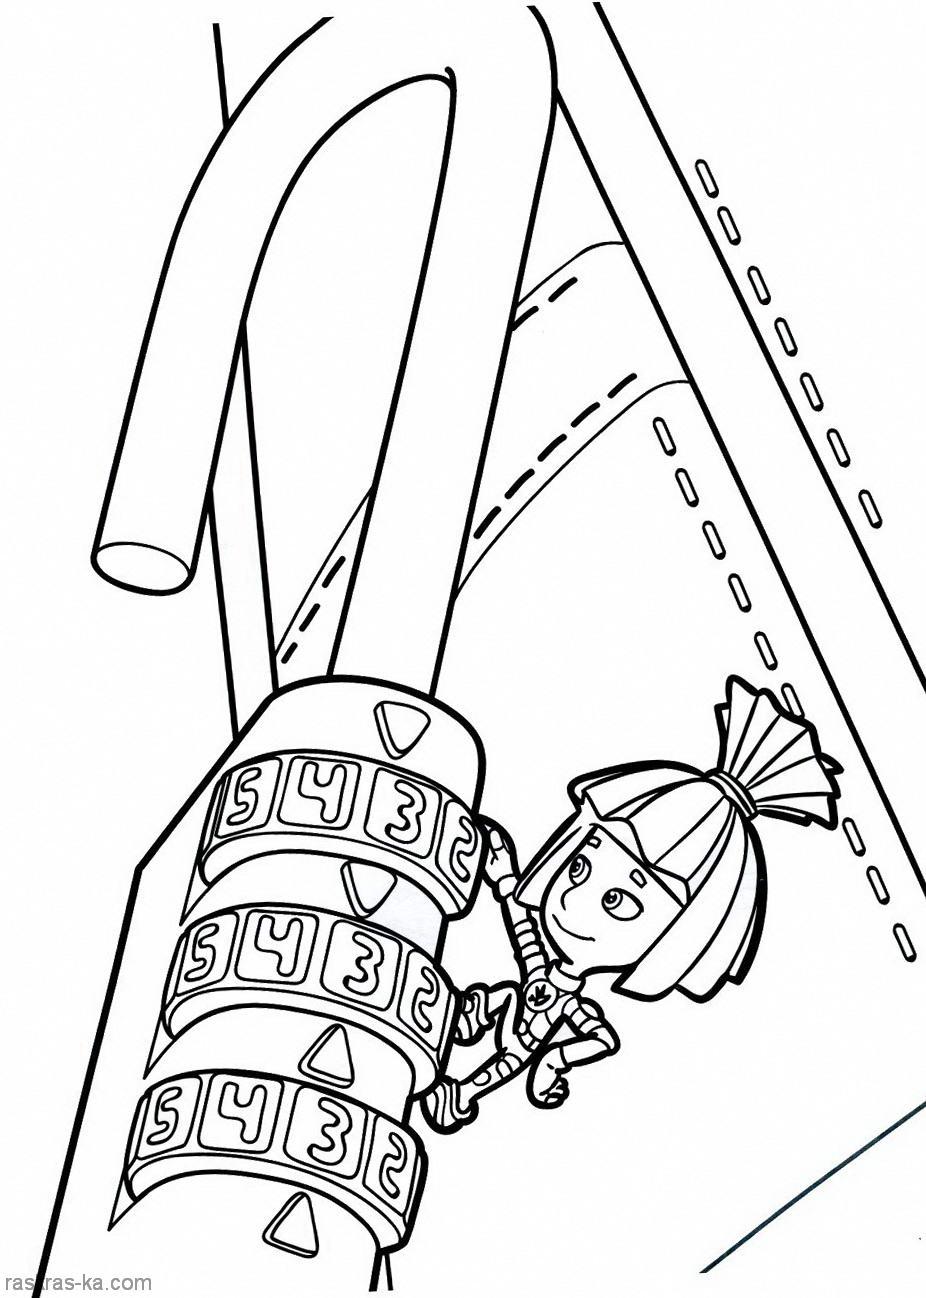 Раскраска из сериала Фиксики - Симка